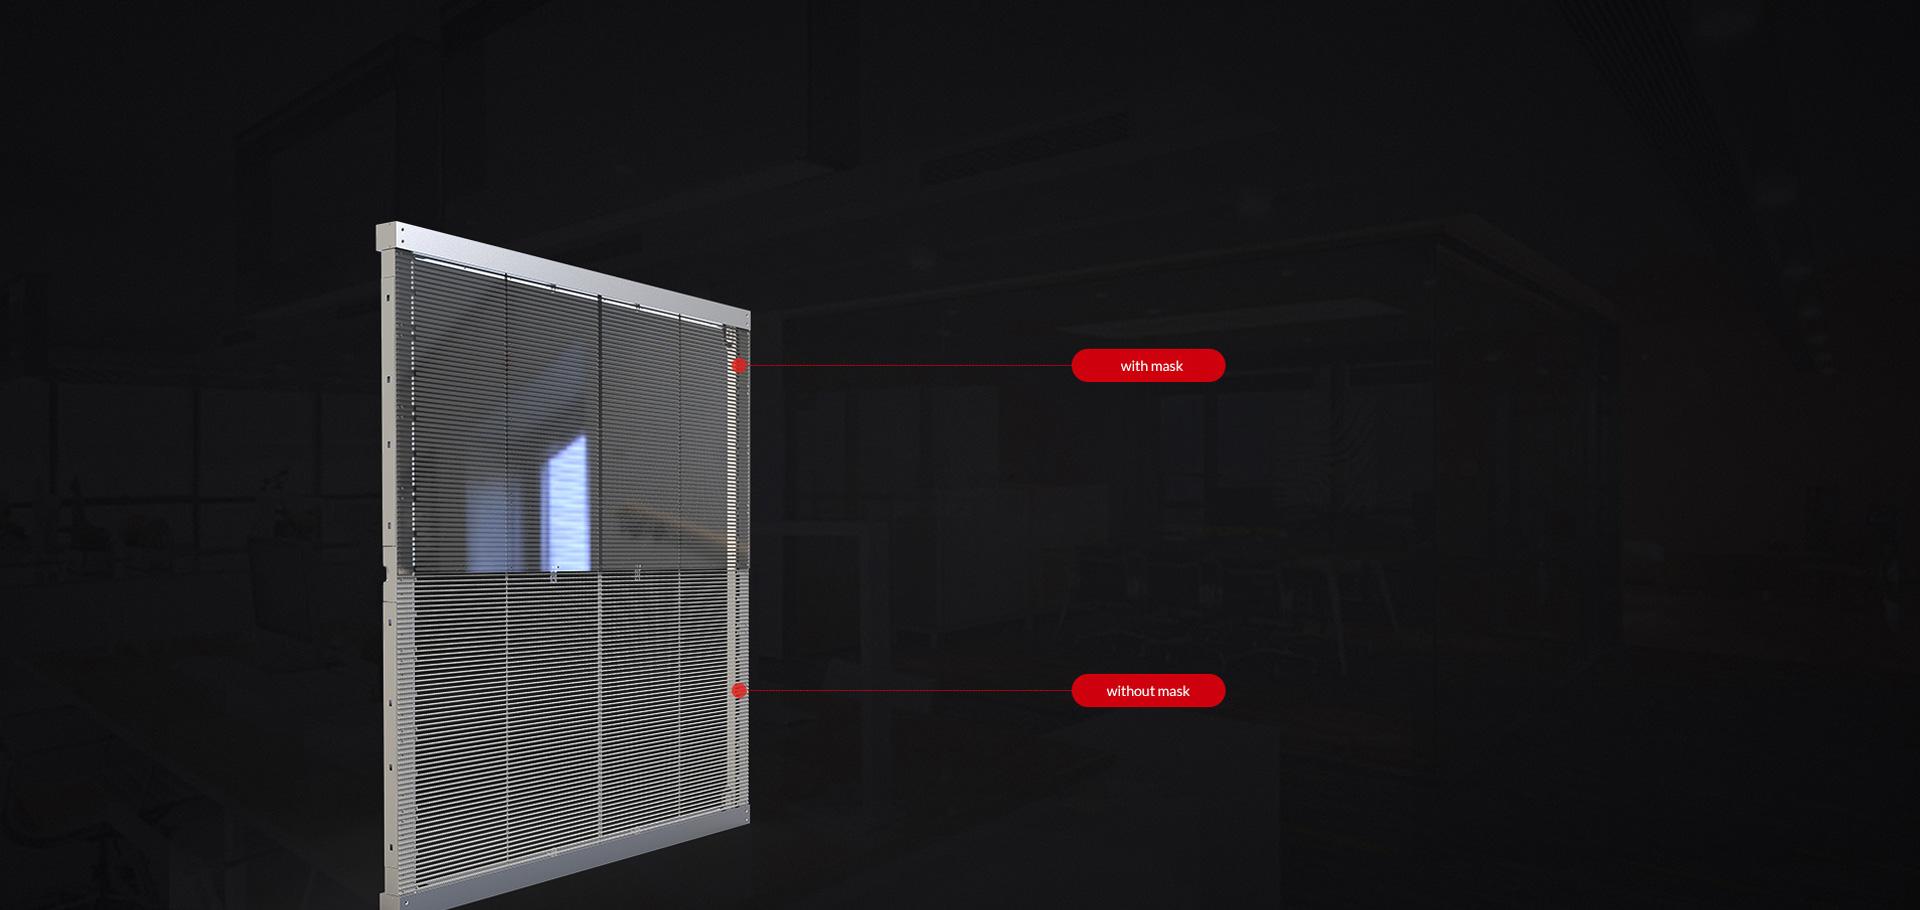 透明Pc面罩可选,无反射